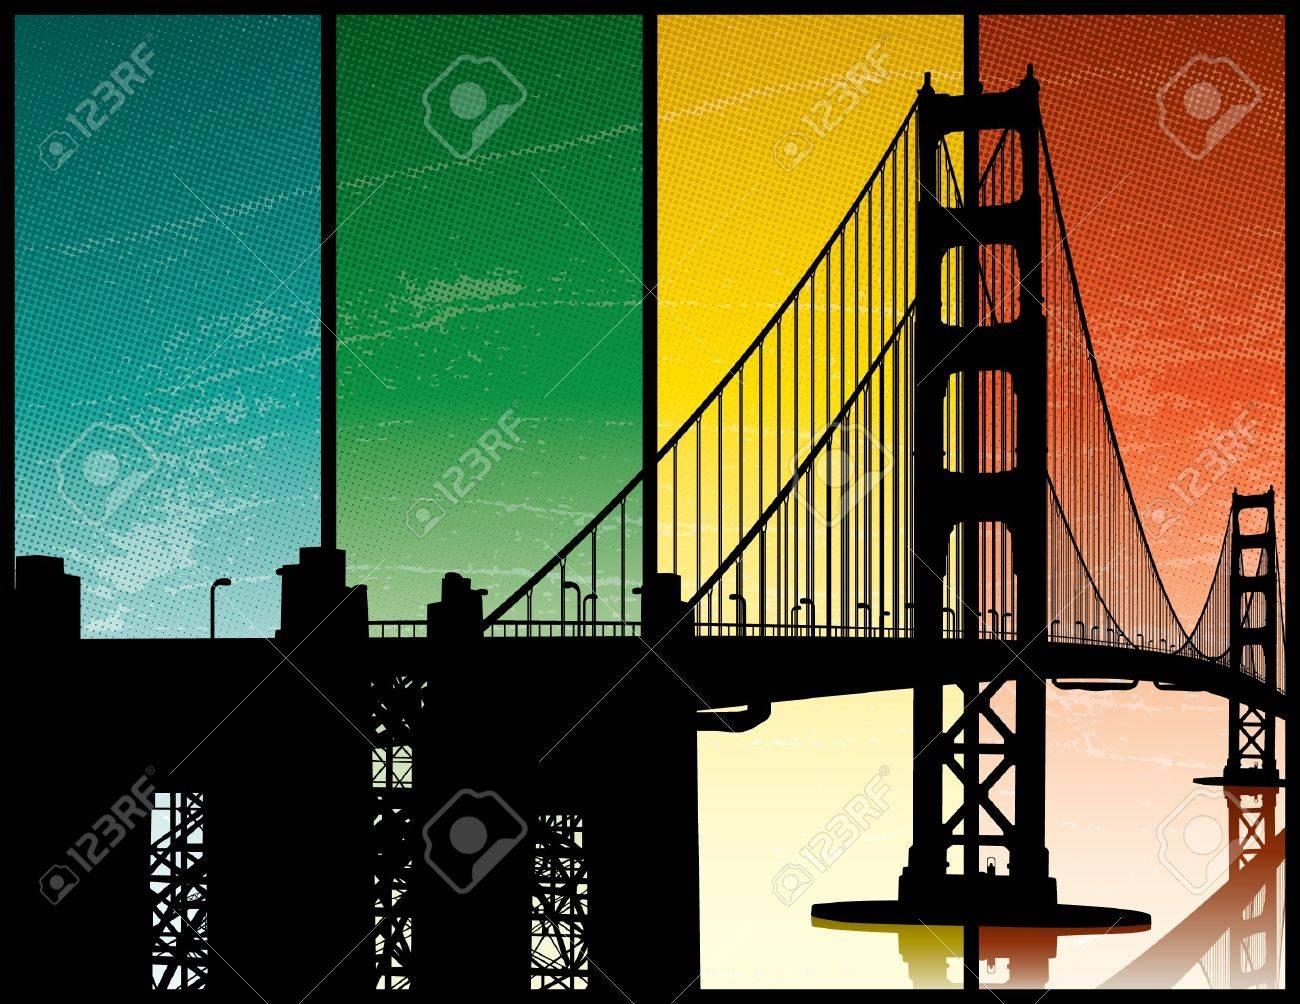 Golden Gate Bridge - 12157806